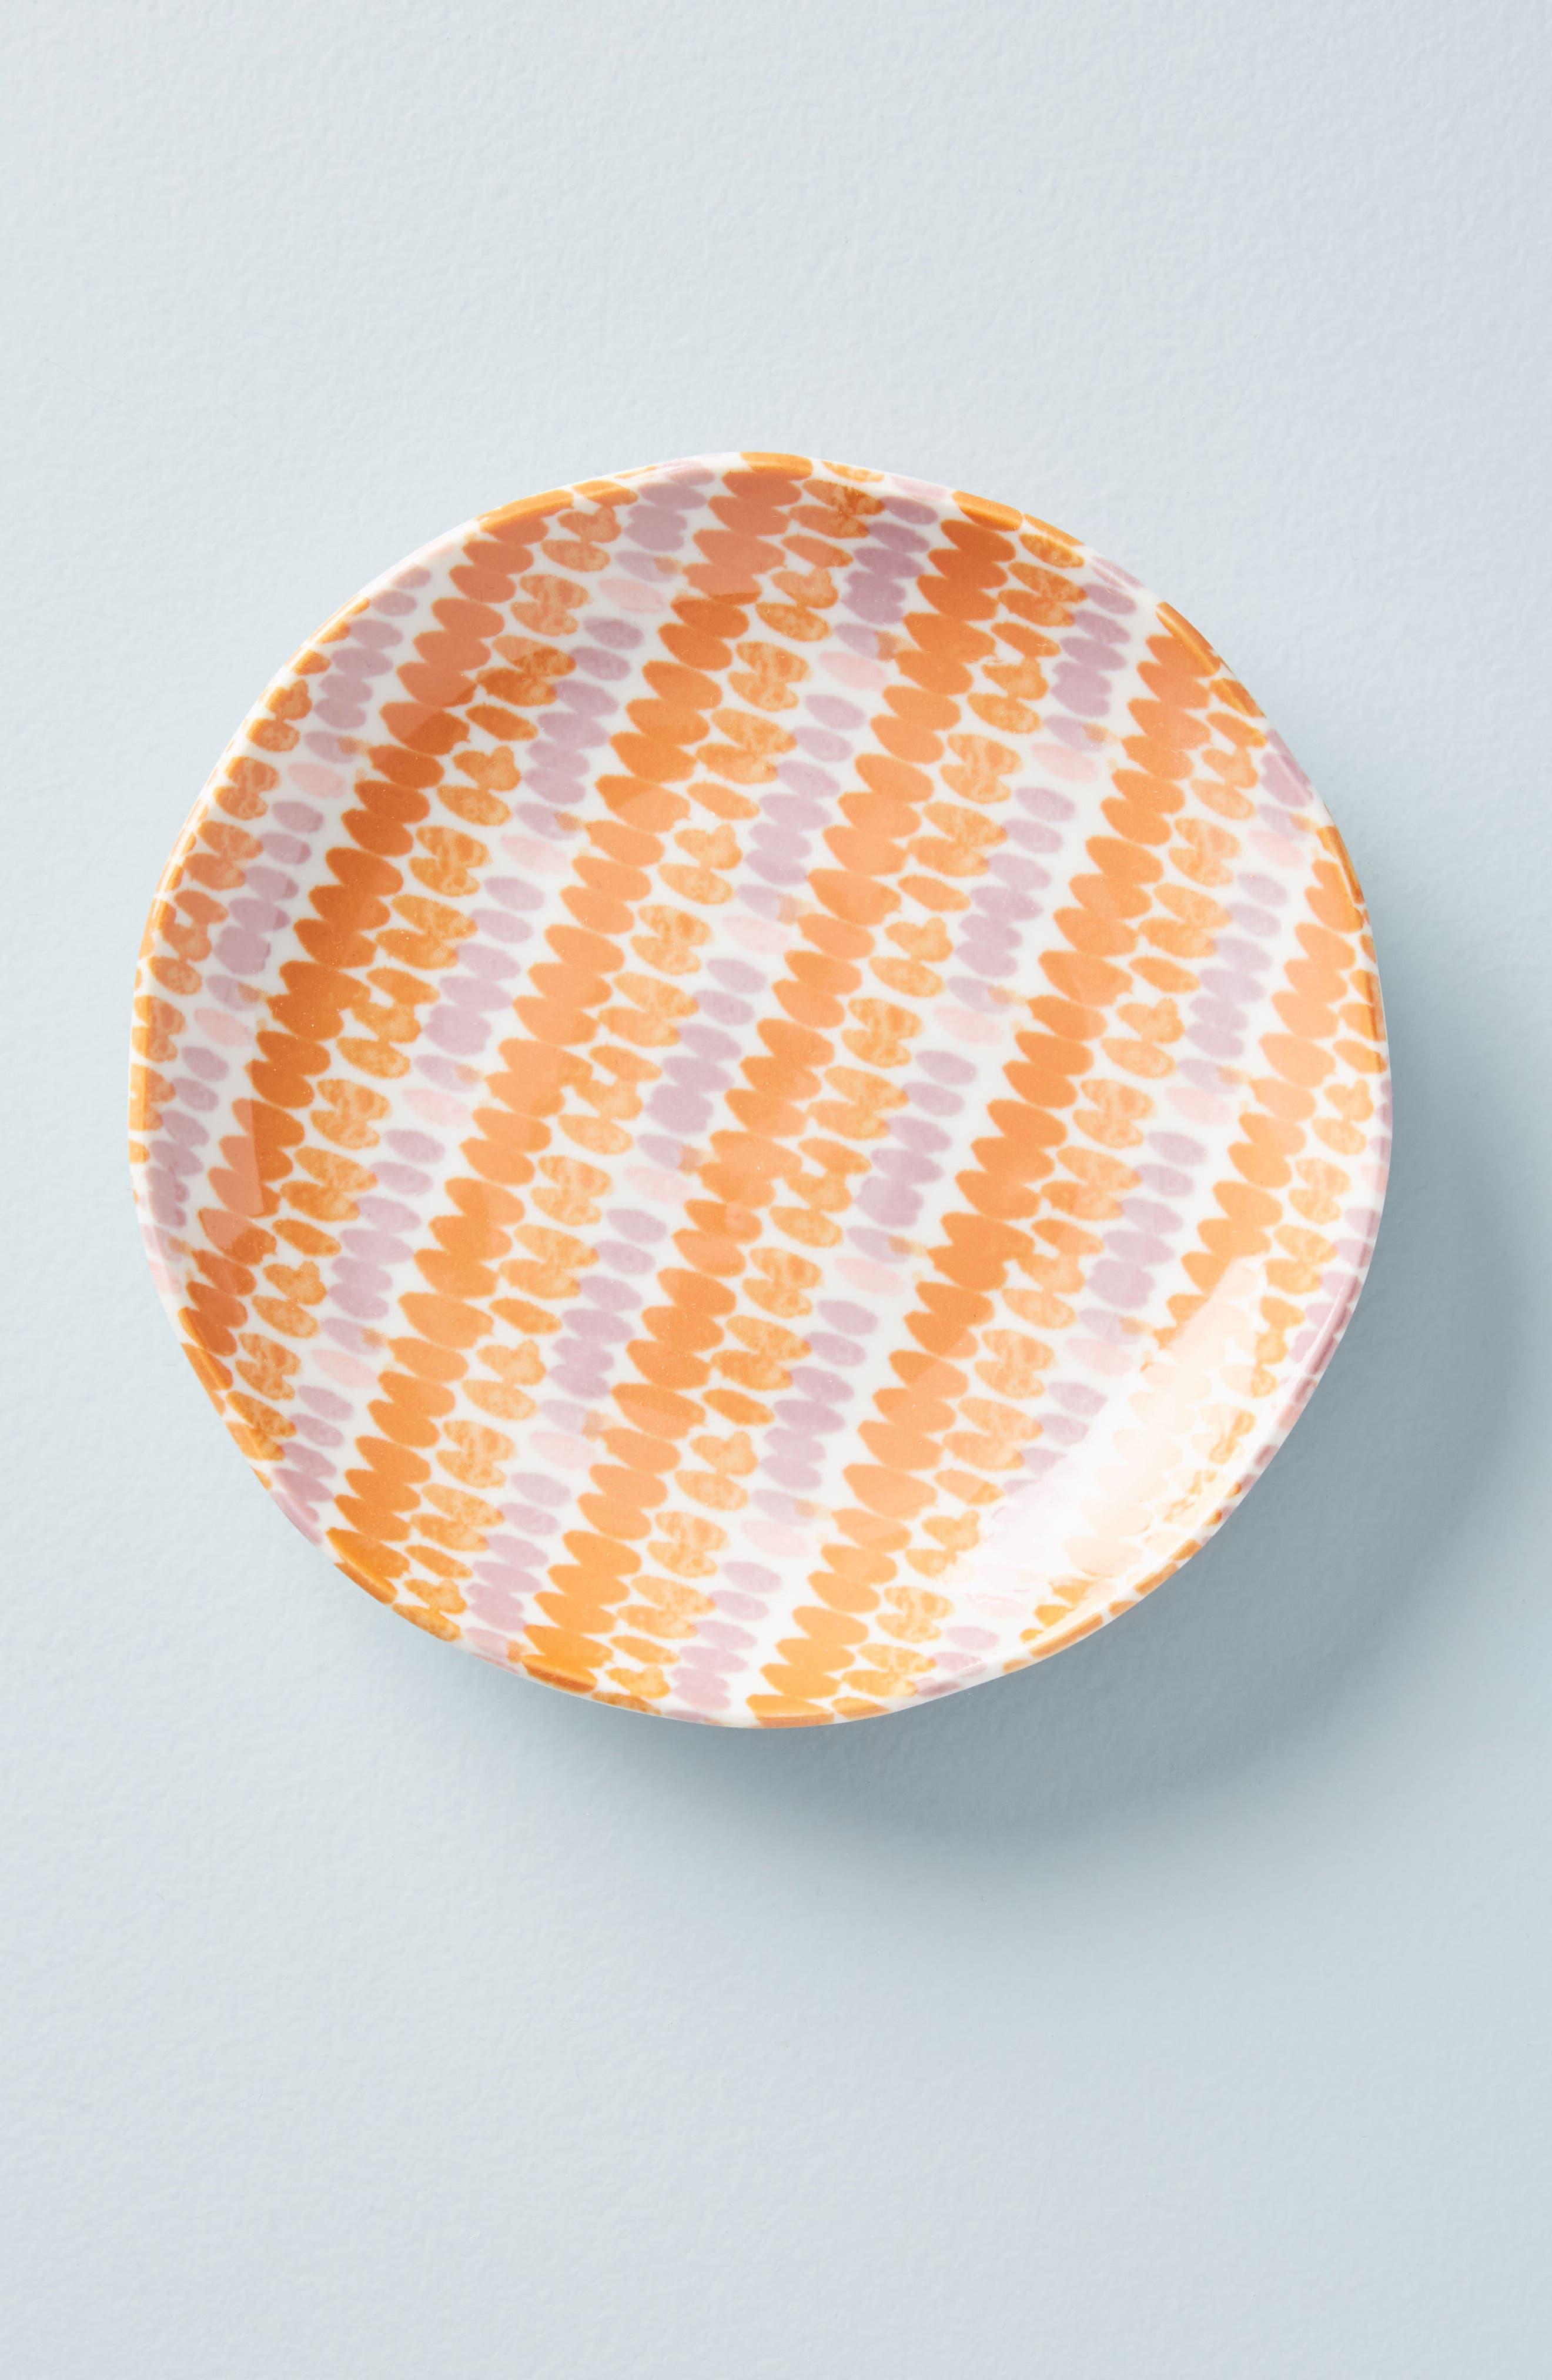 Elias Canapé Plate,                         Main,                         color, Terracotta